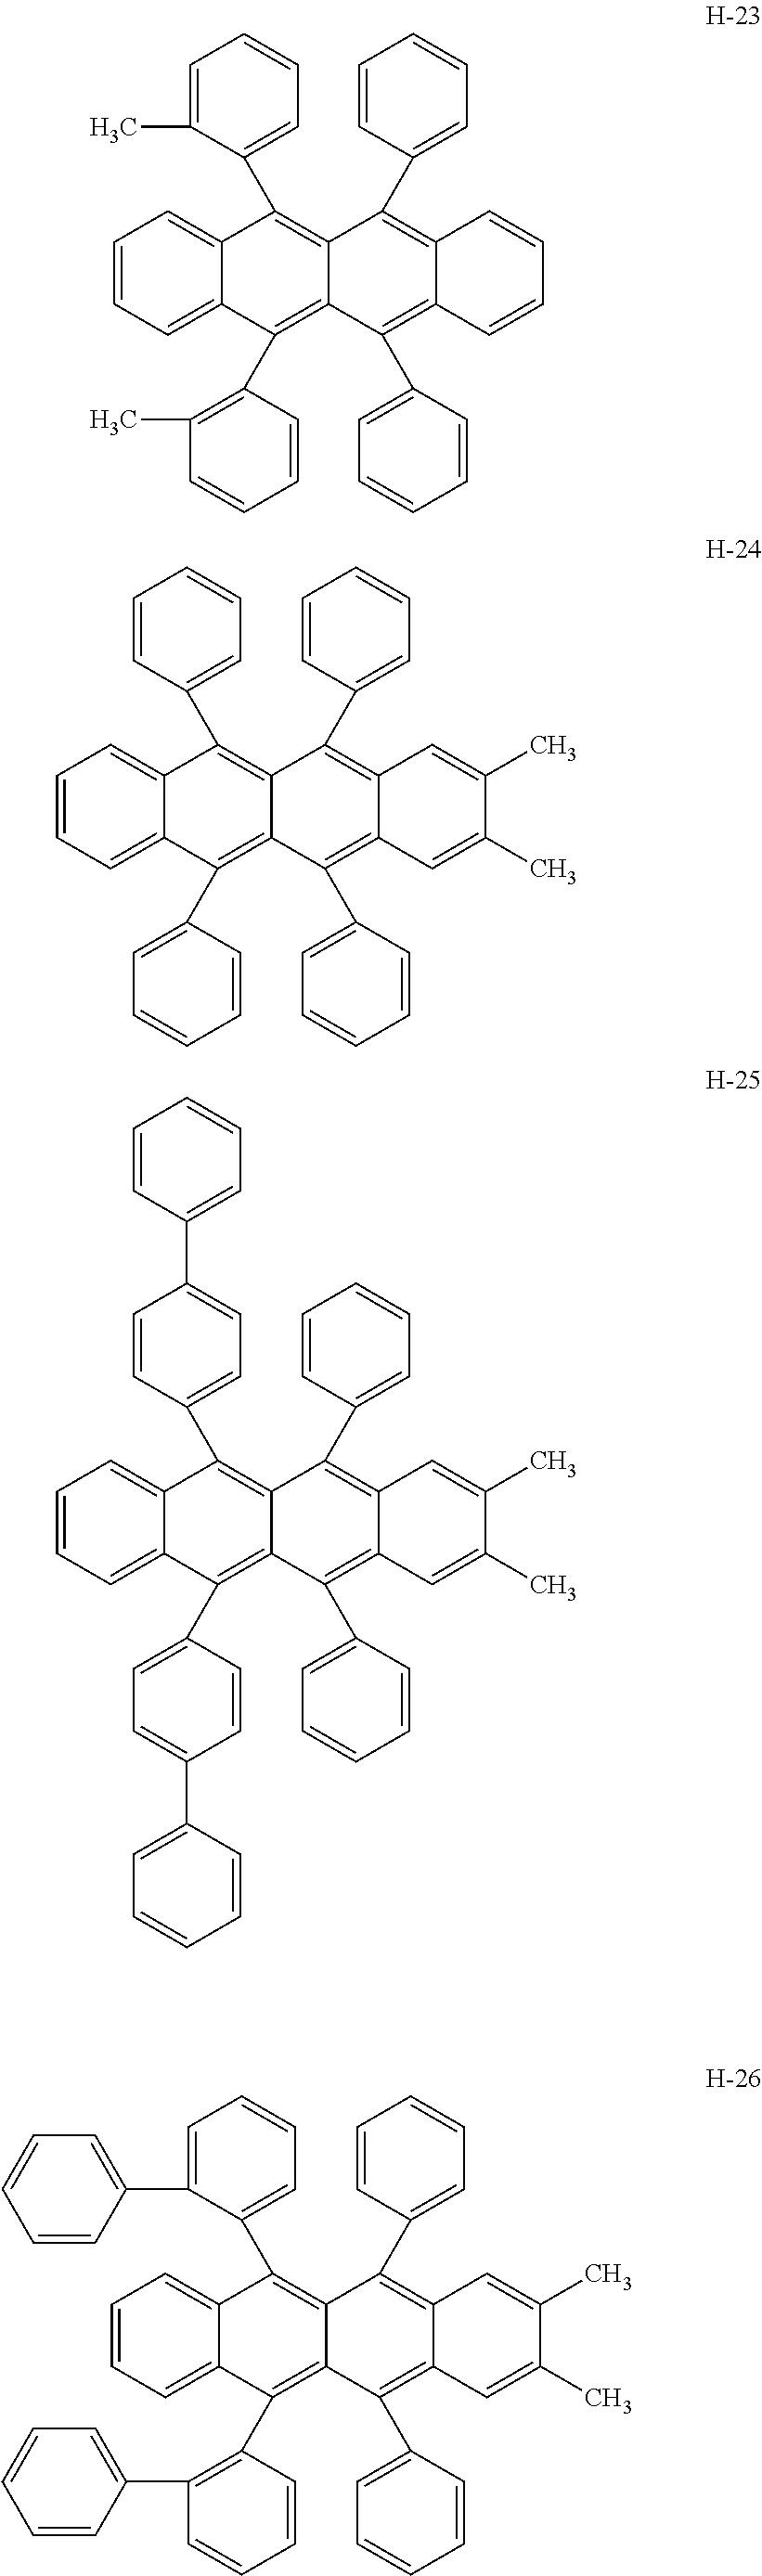 Figure US09799836-20171024-C00024